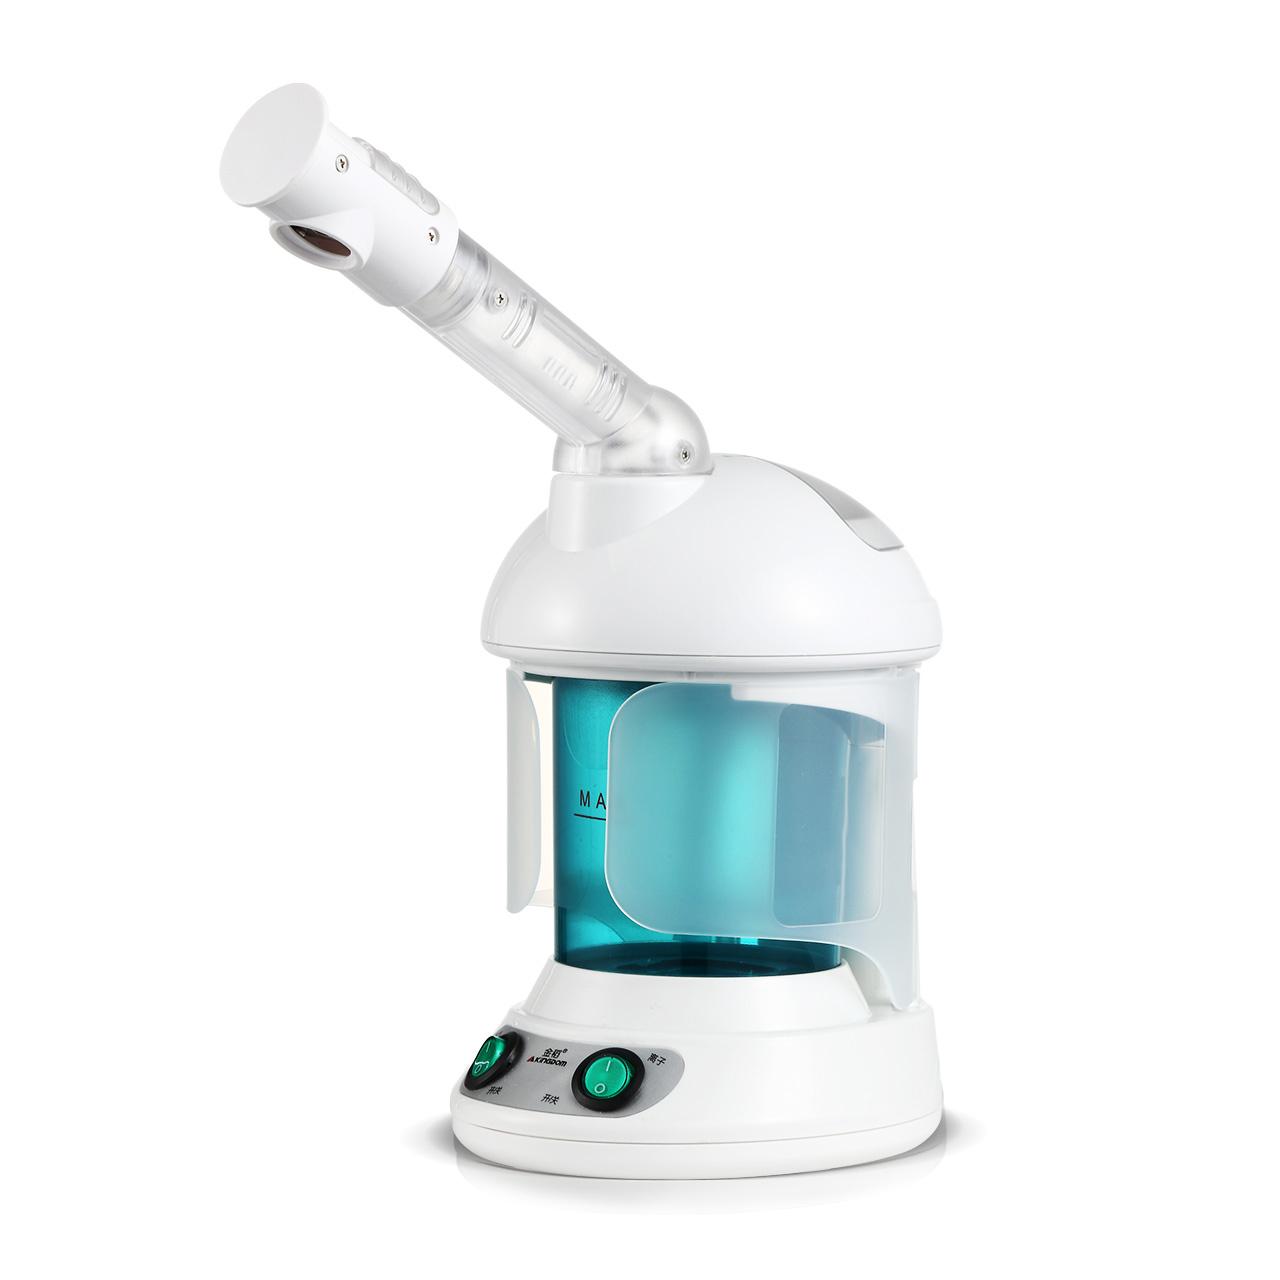 金稻蒸脸器美容仪家用离子喷雾机蒸脸机脸部热喷加湿补水保湿仪器